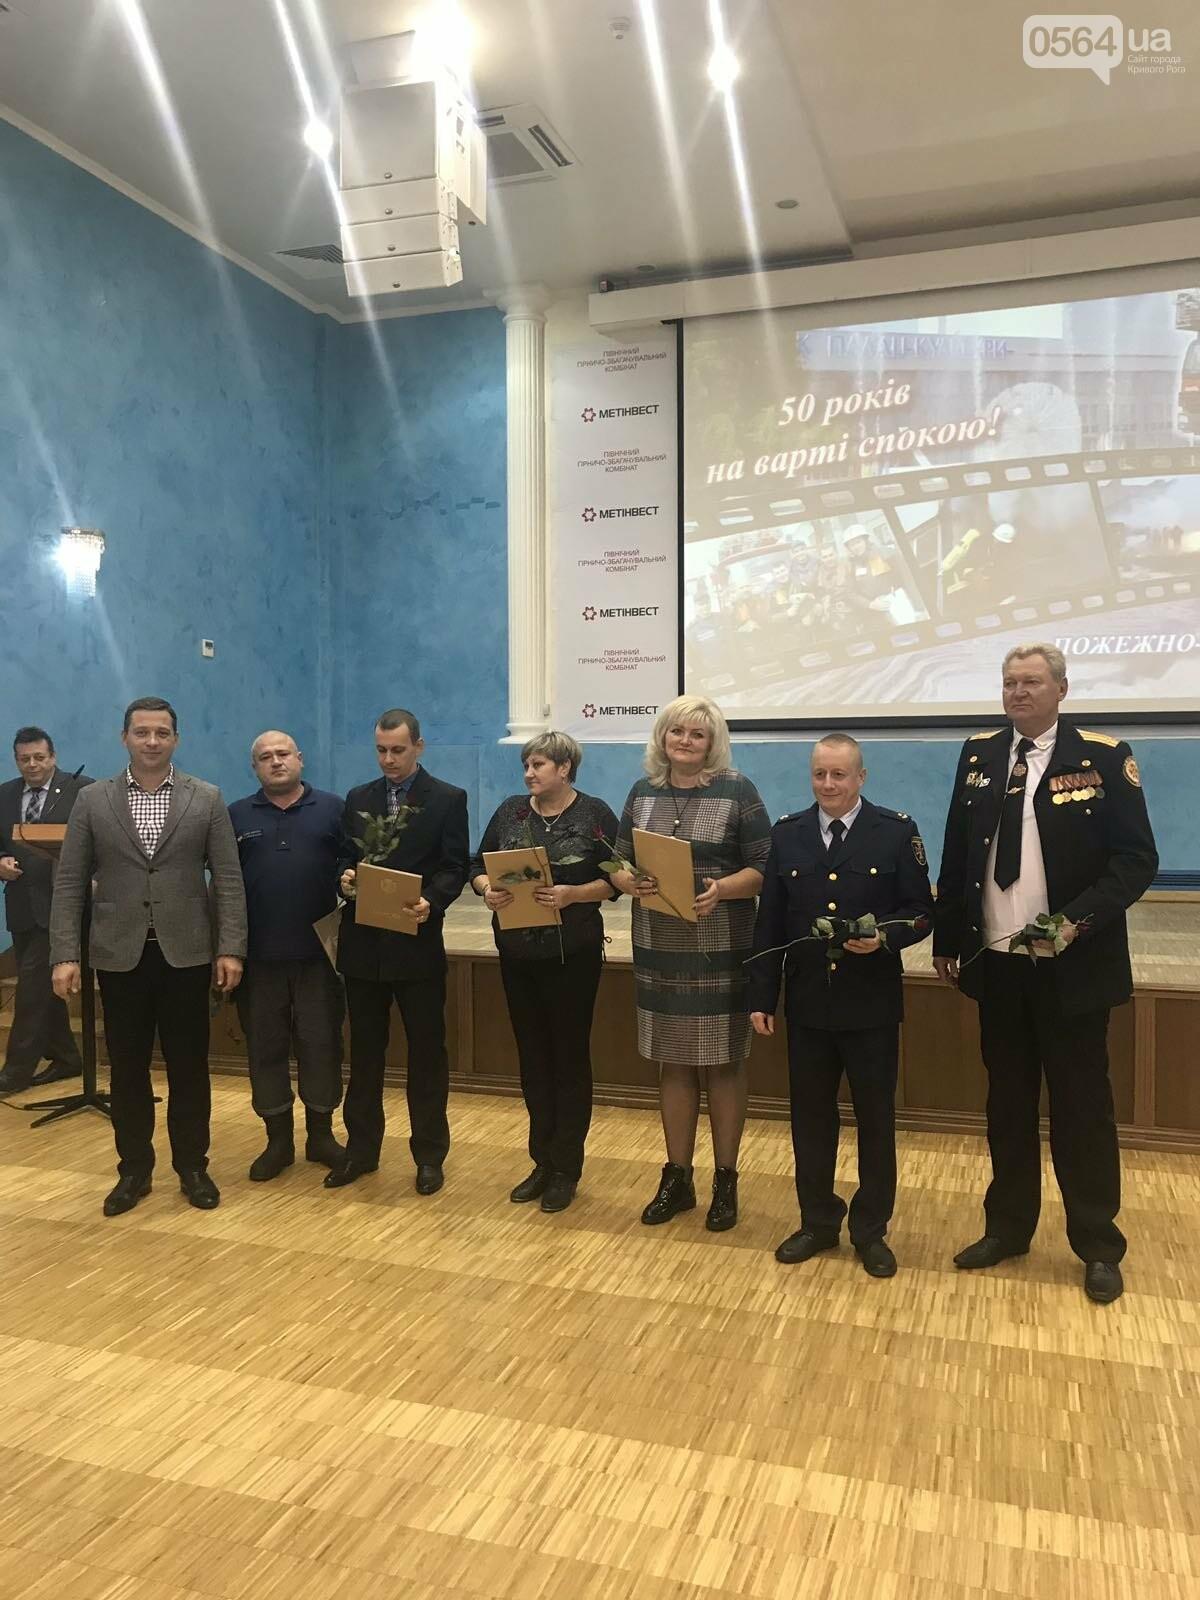 В Кривом Роге пожарно-спасательная часть отпраздновала 50-летие, - ФОТО , фото-6